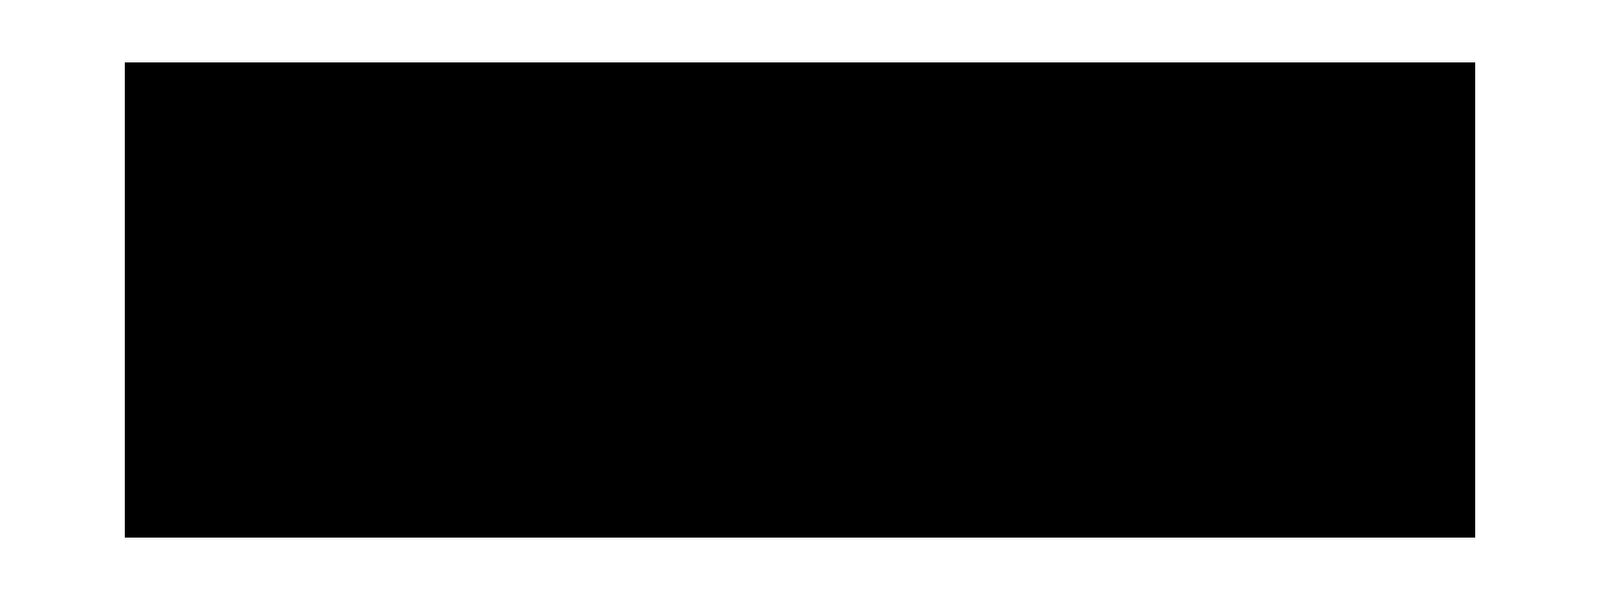 Andøya Space